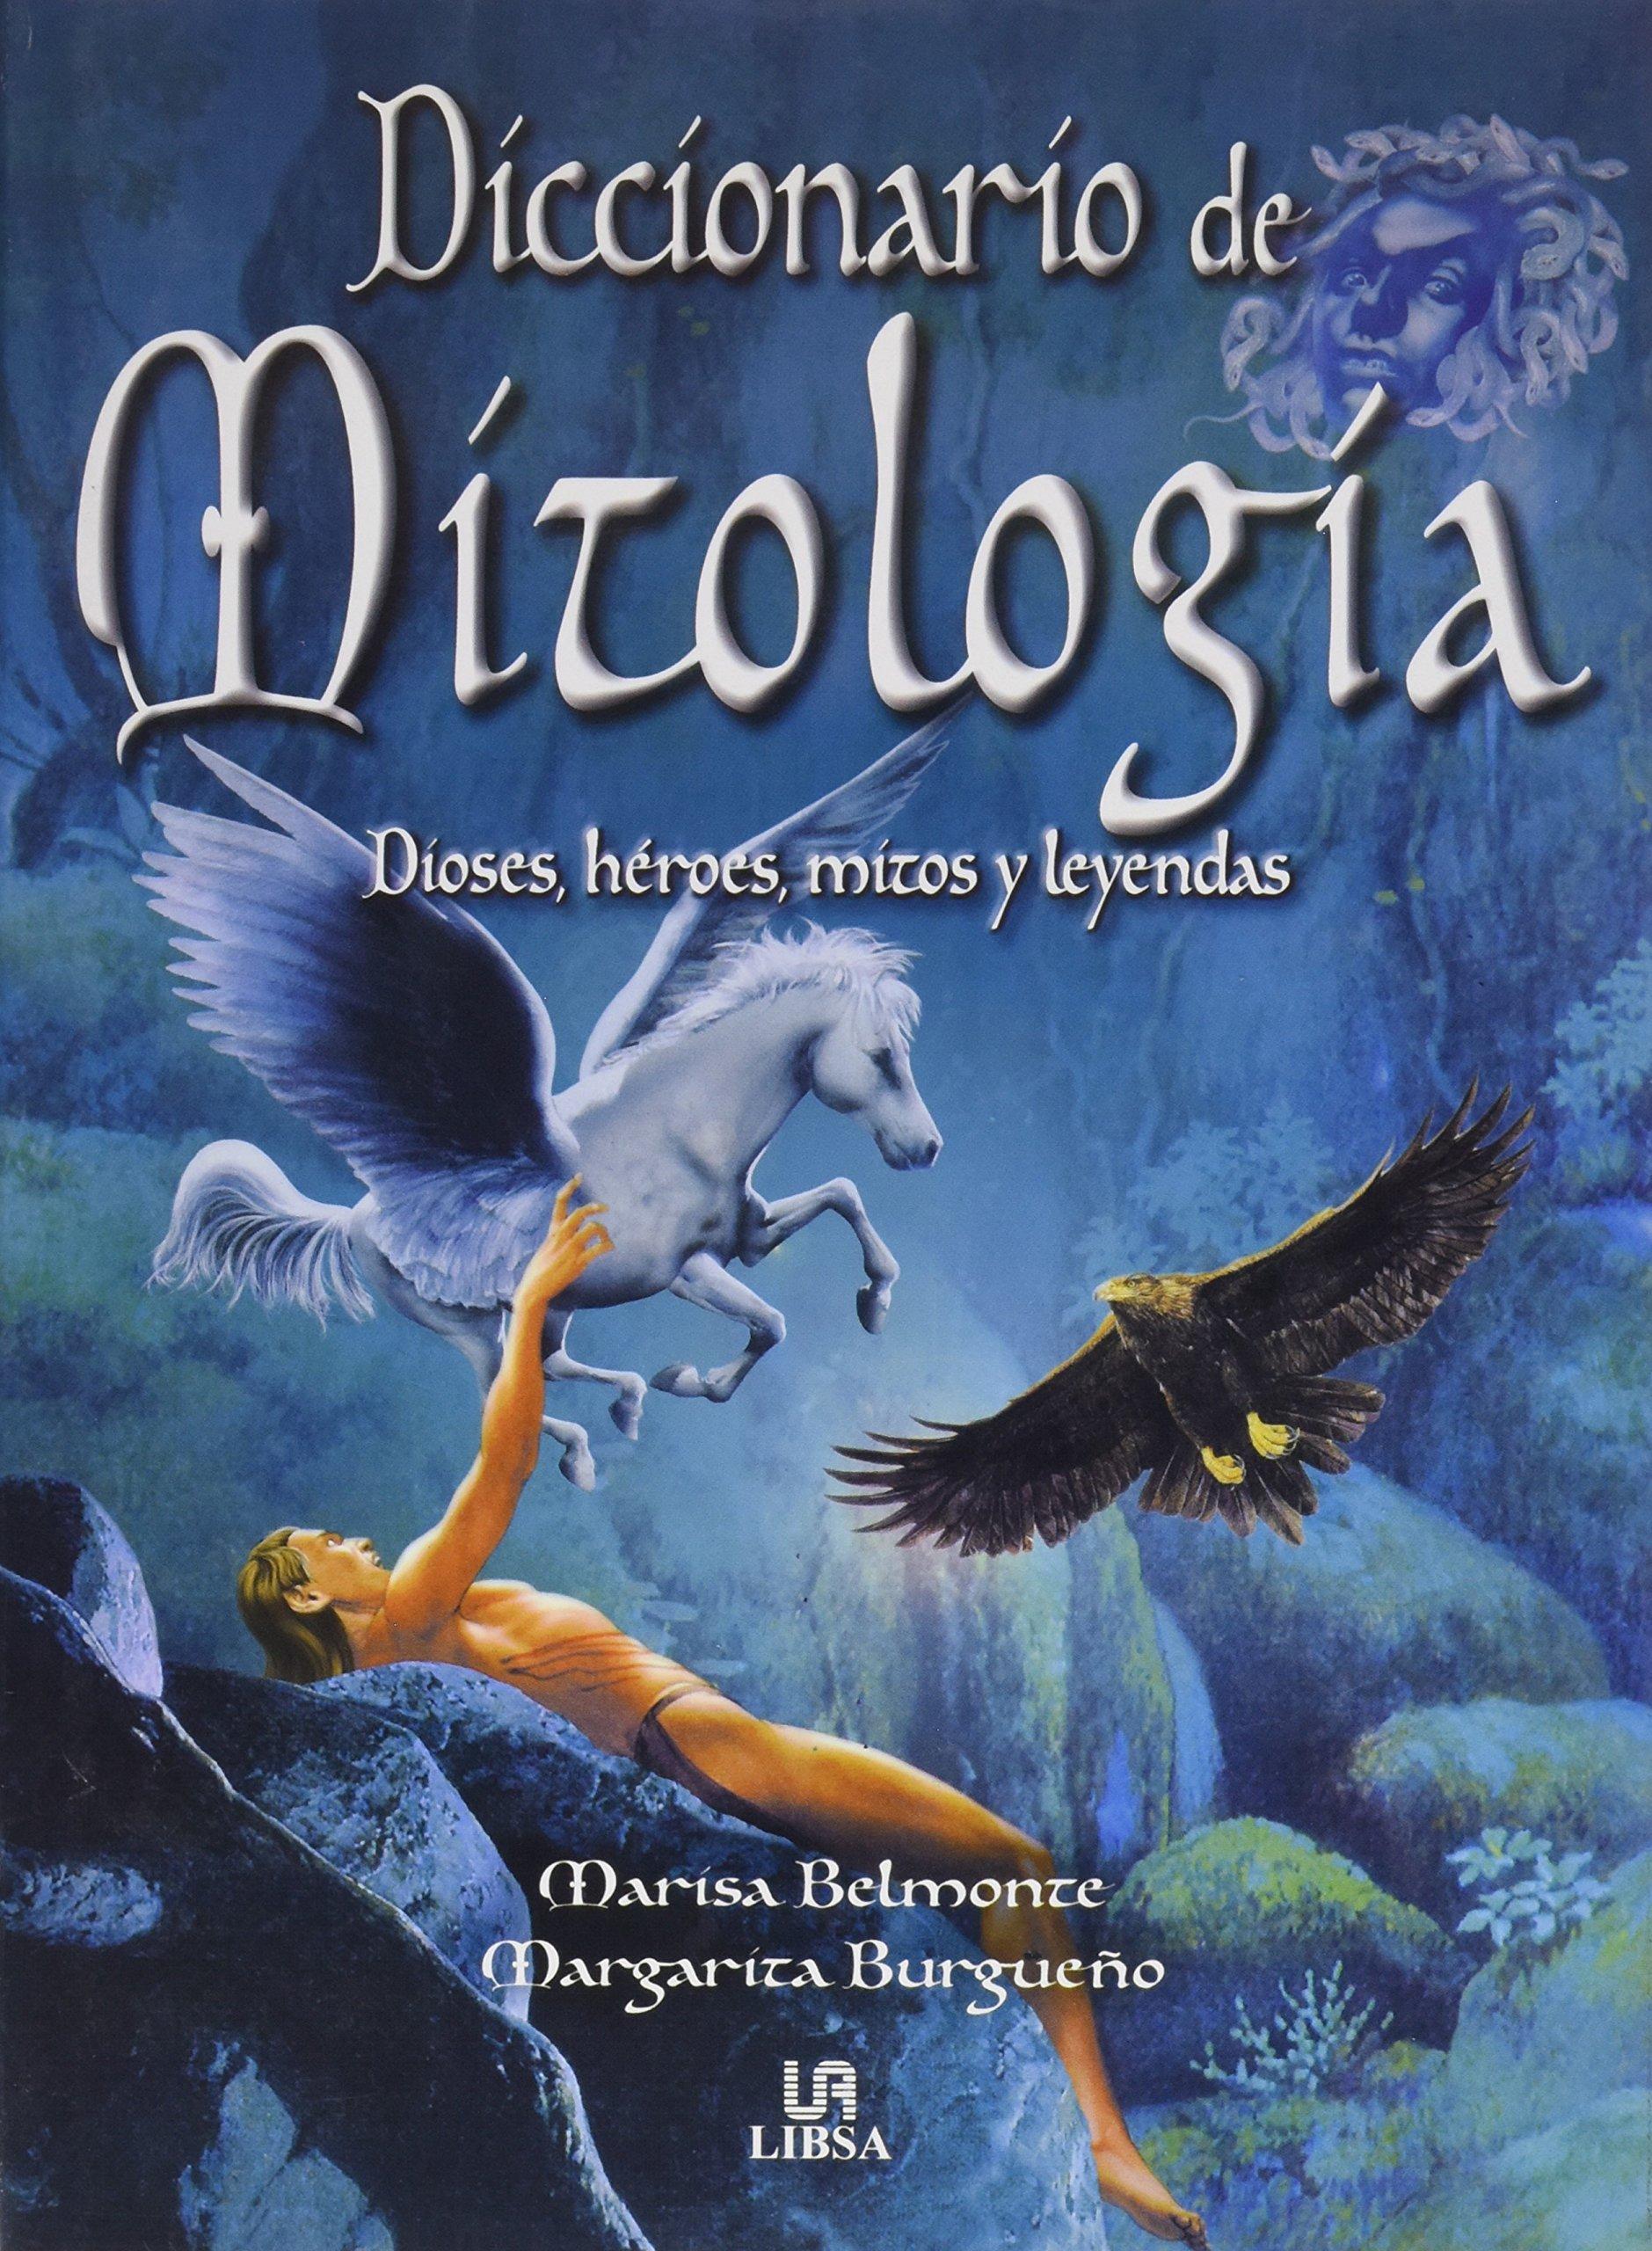 Diccionario de mitologia: Amazon.es: Belmonte, Marisa, Burgueño, Margarita: Libros